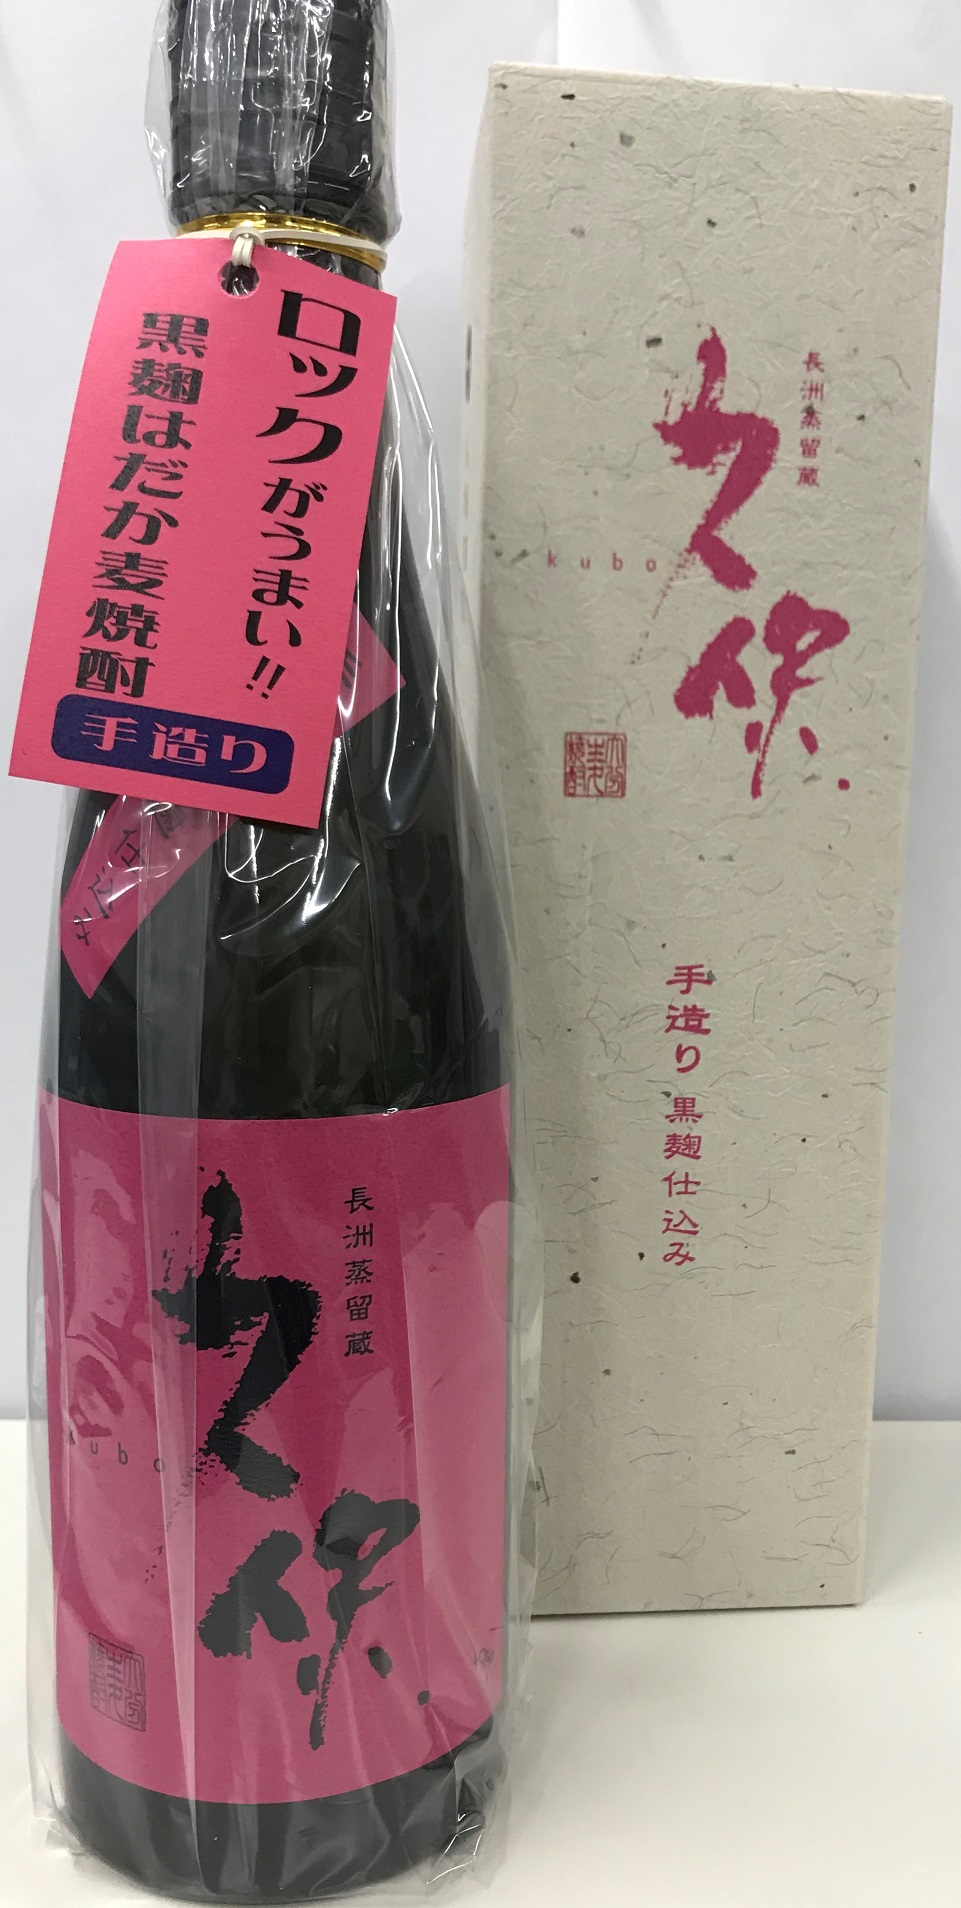 【麦焼酎】久保酒蔵 長洲蒸留蔵『久保~三段仕込黒麹』